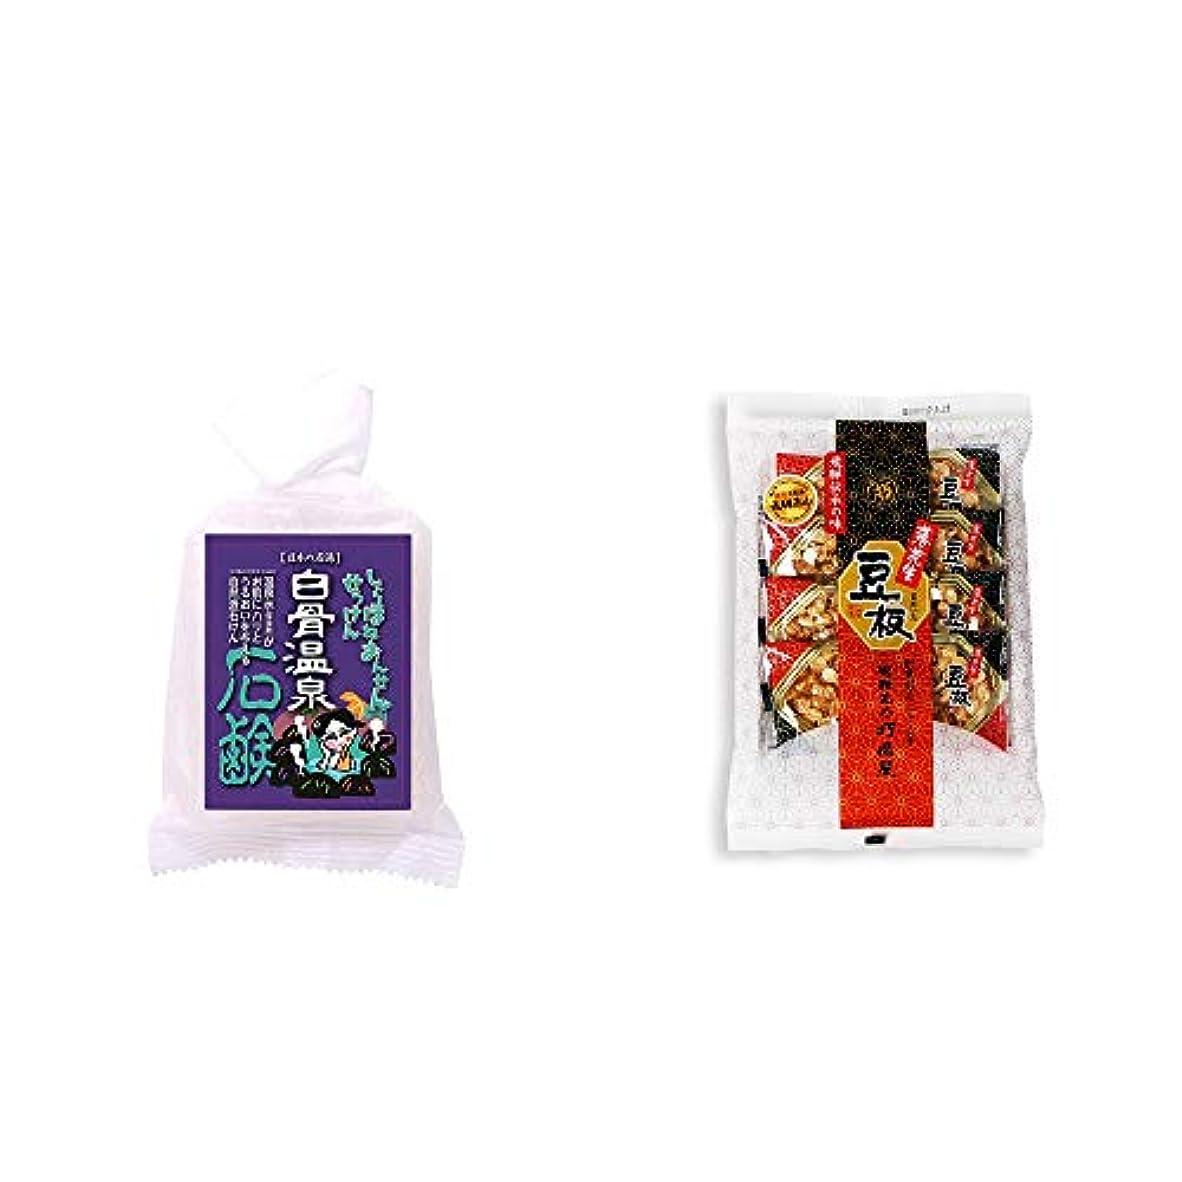 [2点セット] 信州 白骨温泉石鹸(80g)?飛騨銘菓「打保屋」の駄菓子 豆板(8枚入)